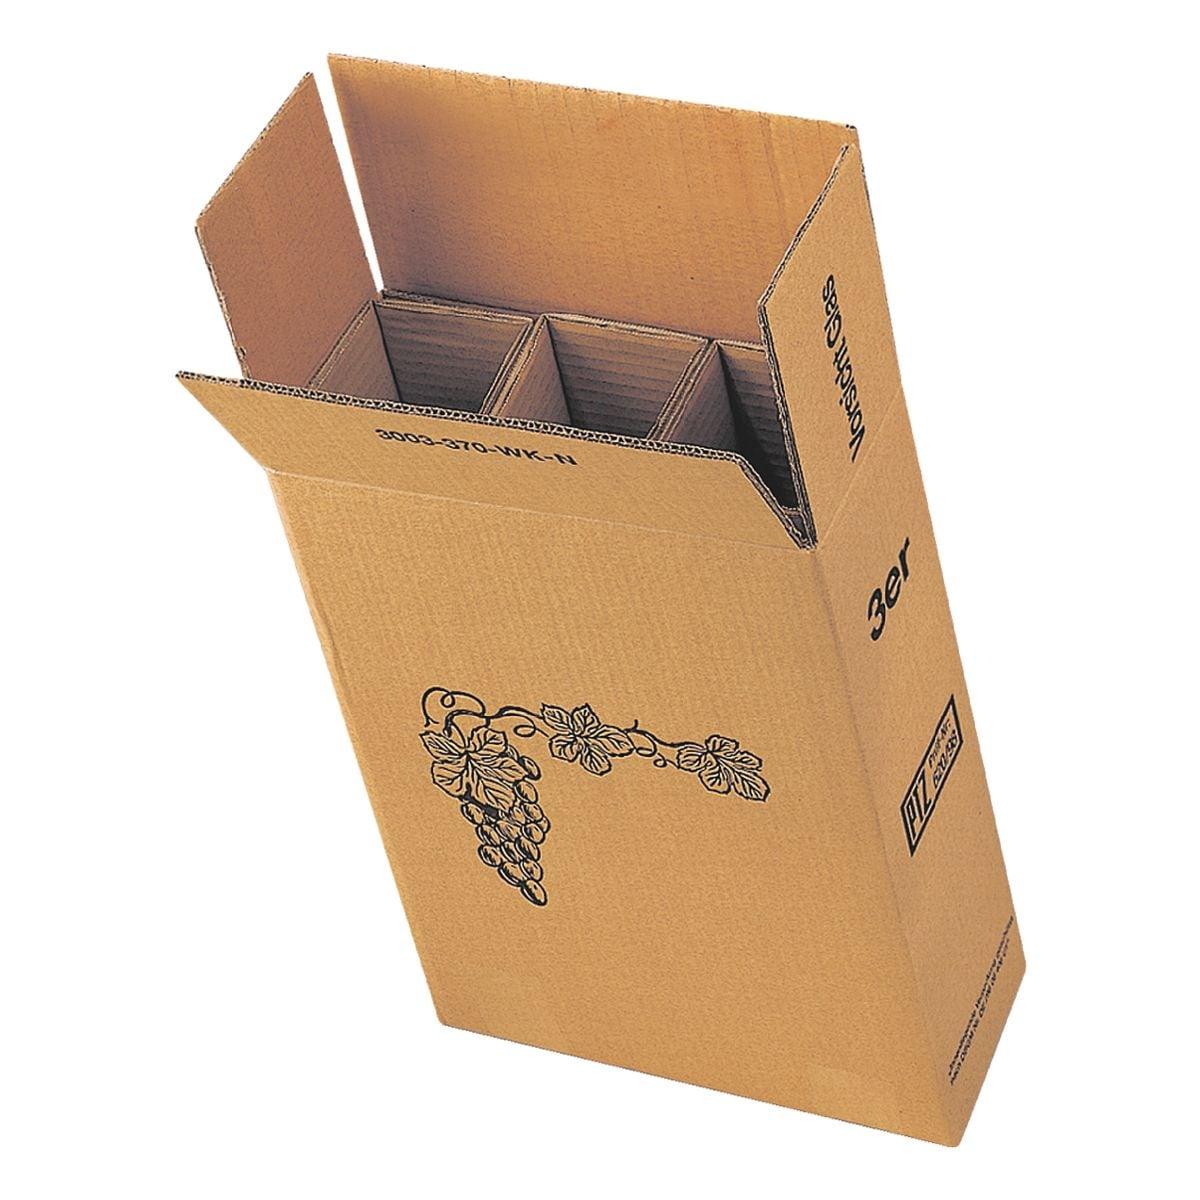 flaschen versandverpackung bei otto office g nstig kaufen. Black Bedroom Furniture Sets. Home Design Ideas